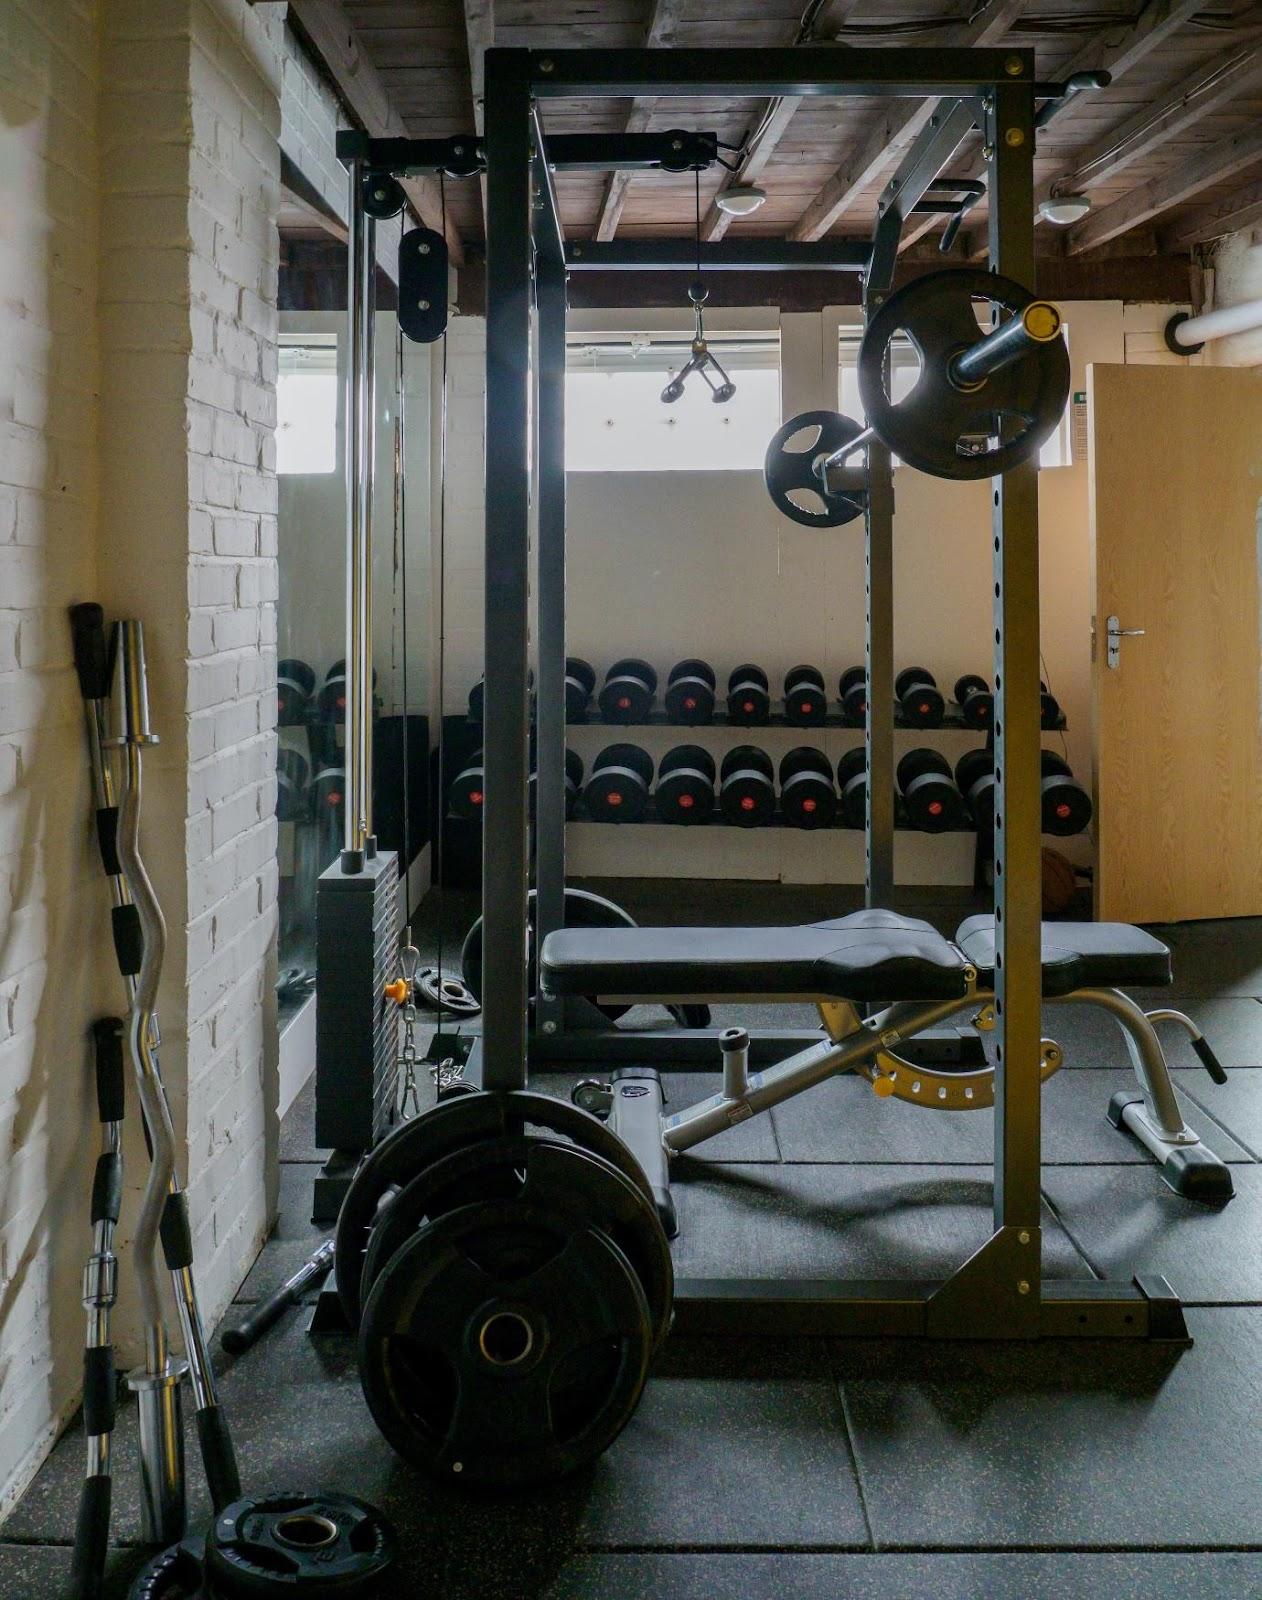 A close up of a home gym